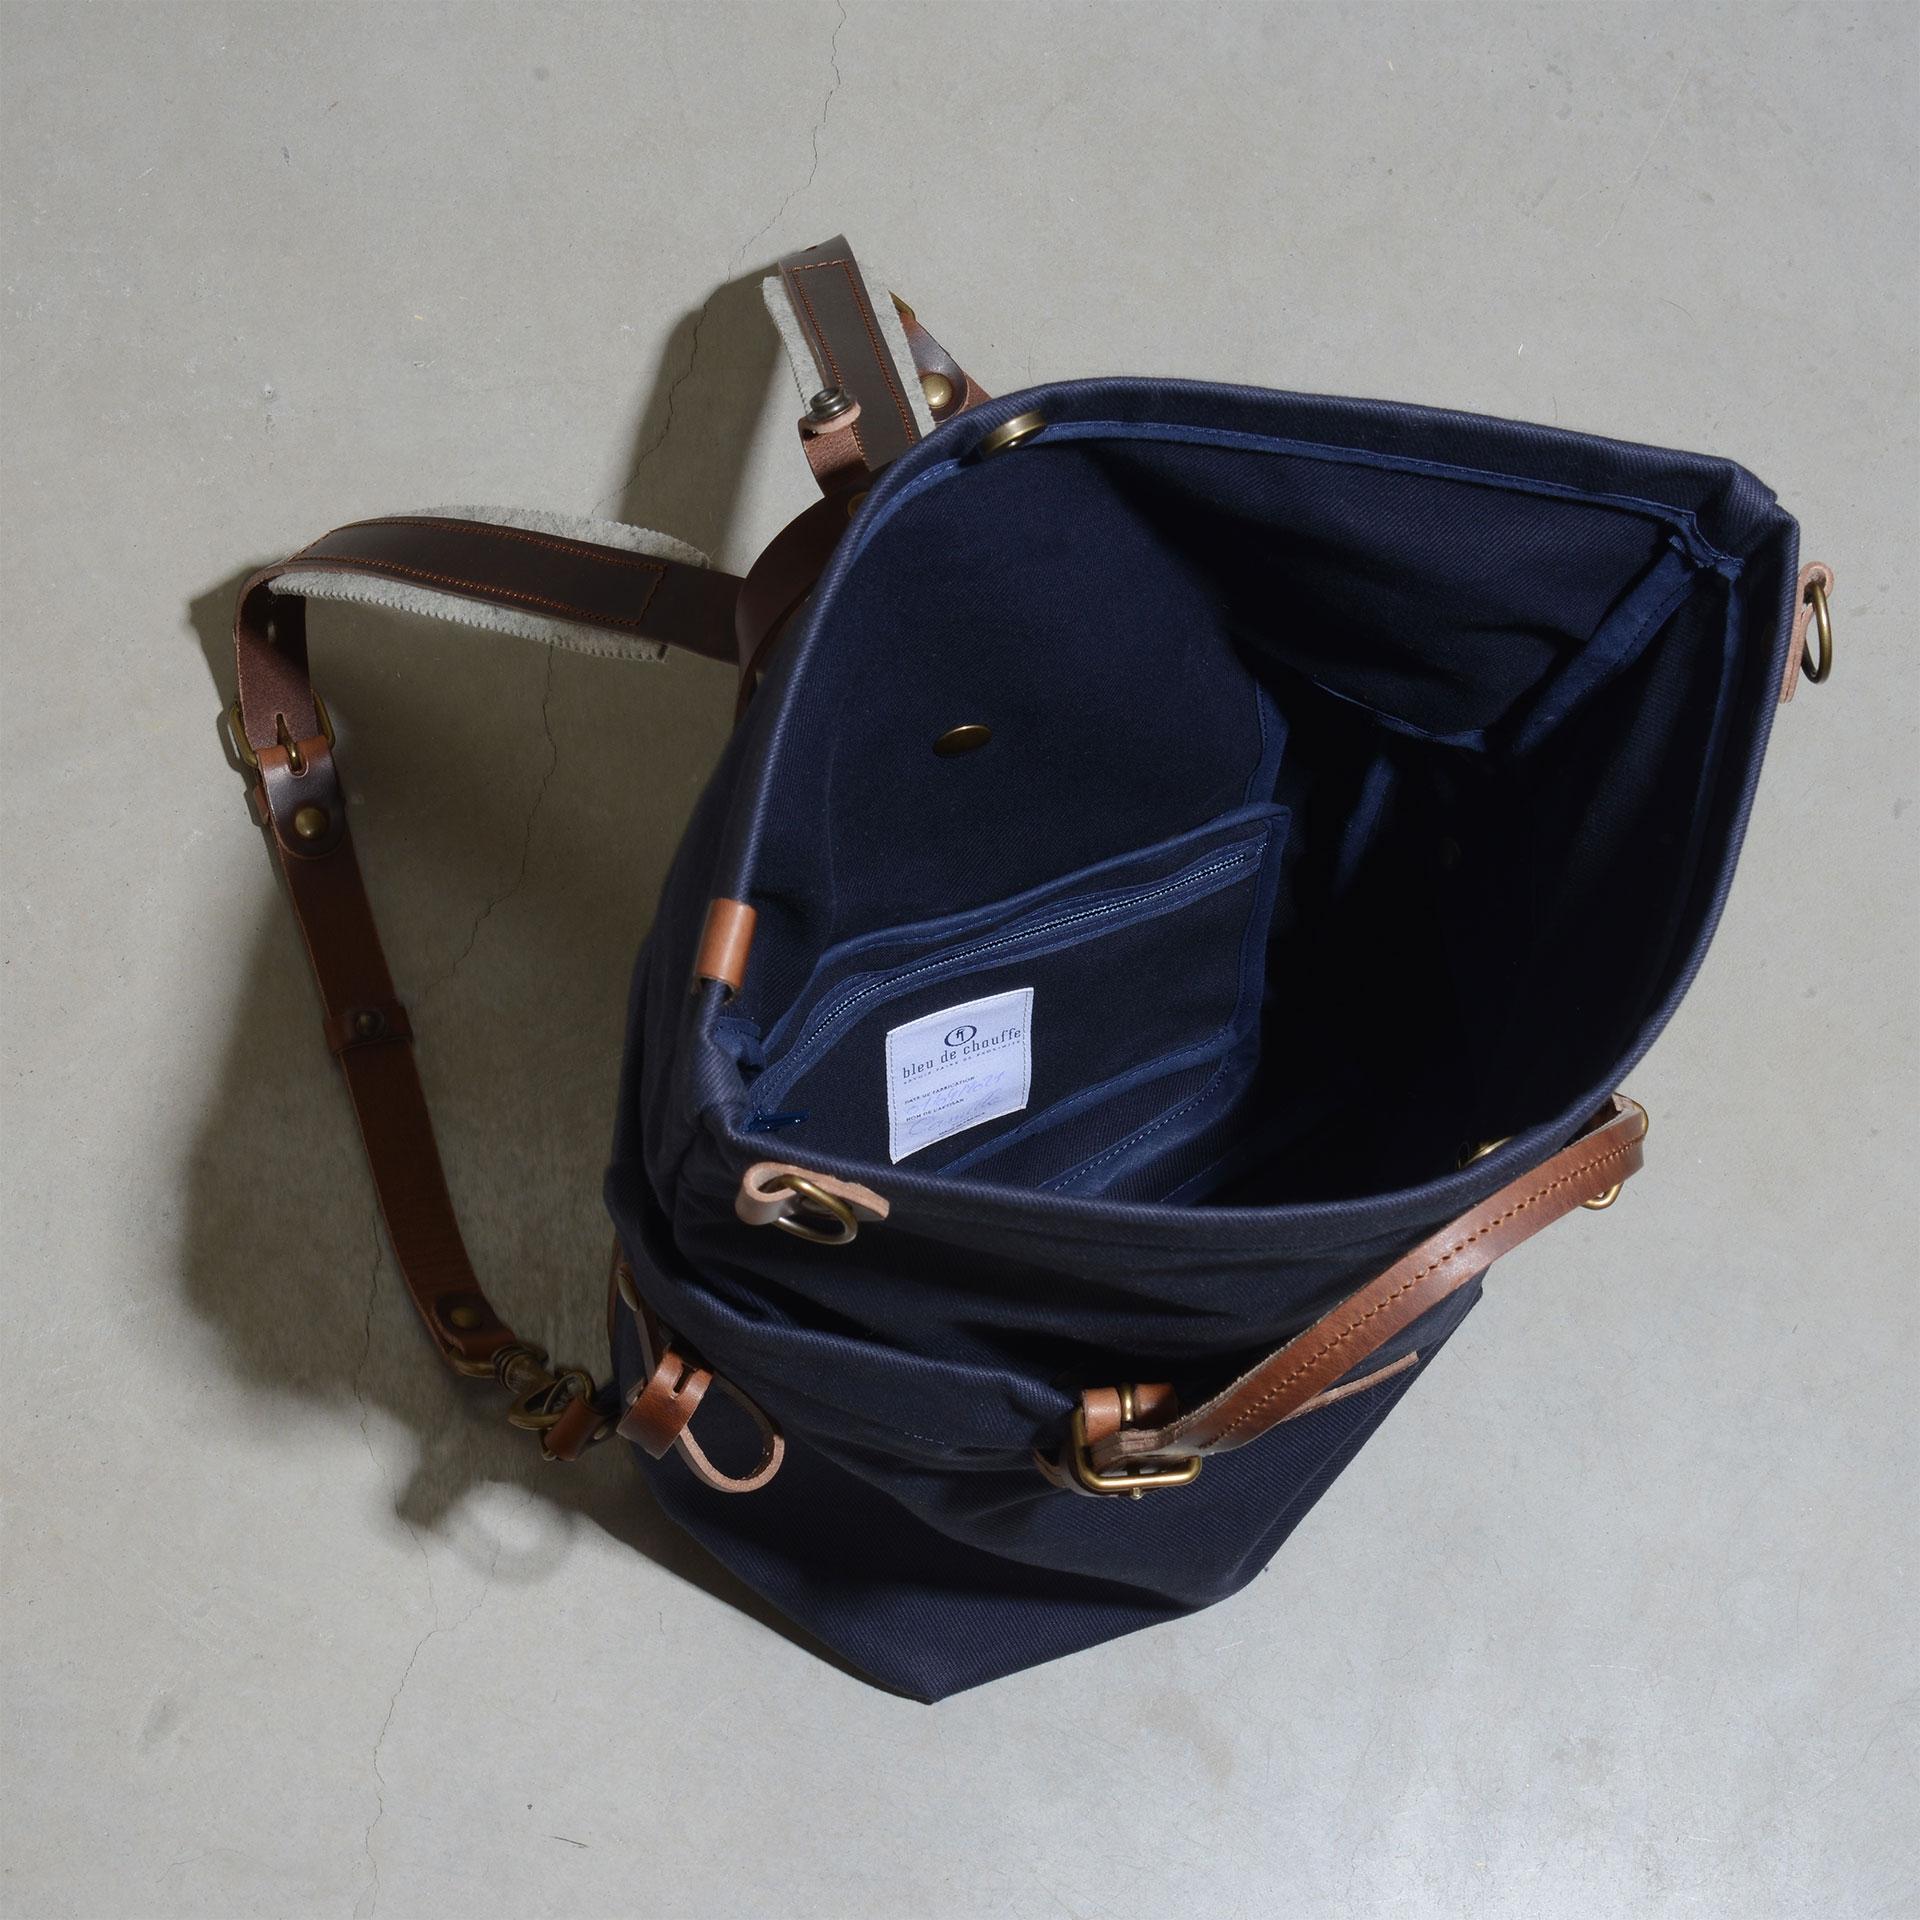 Woody L Backpack - Peacoat Blue (image n°4)